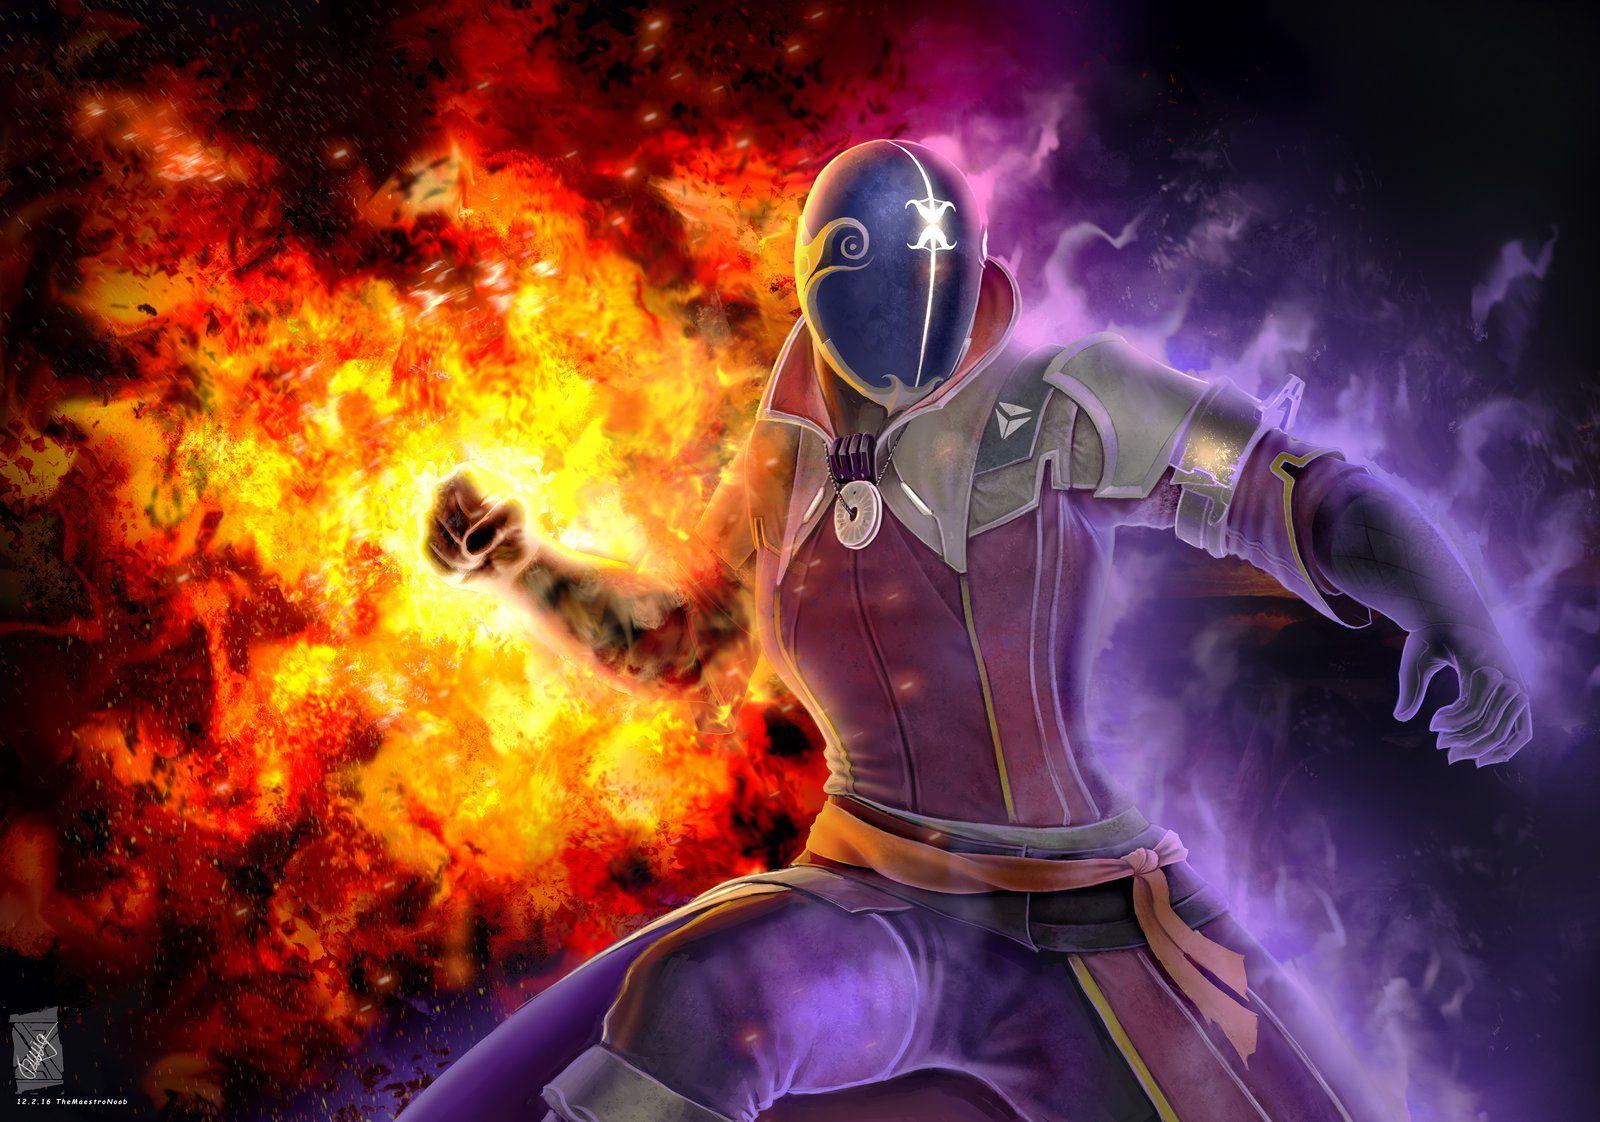 Destiny Warlock Sunsinger Wallpaper HD AS5